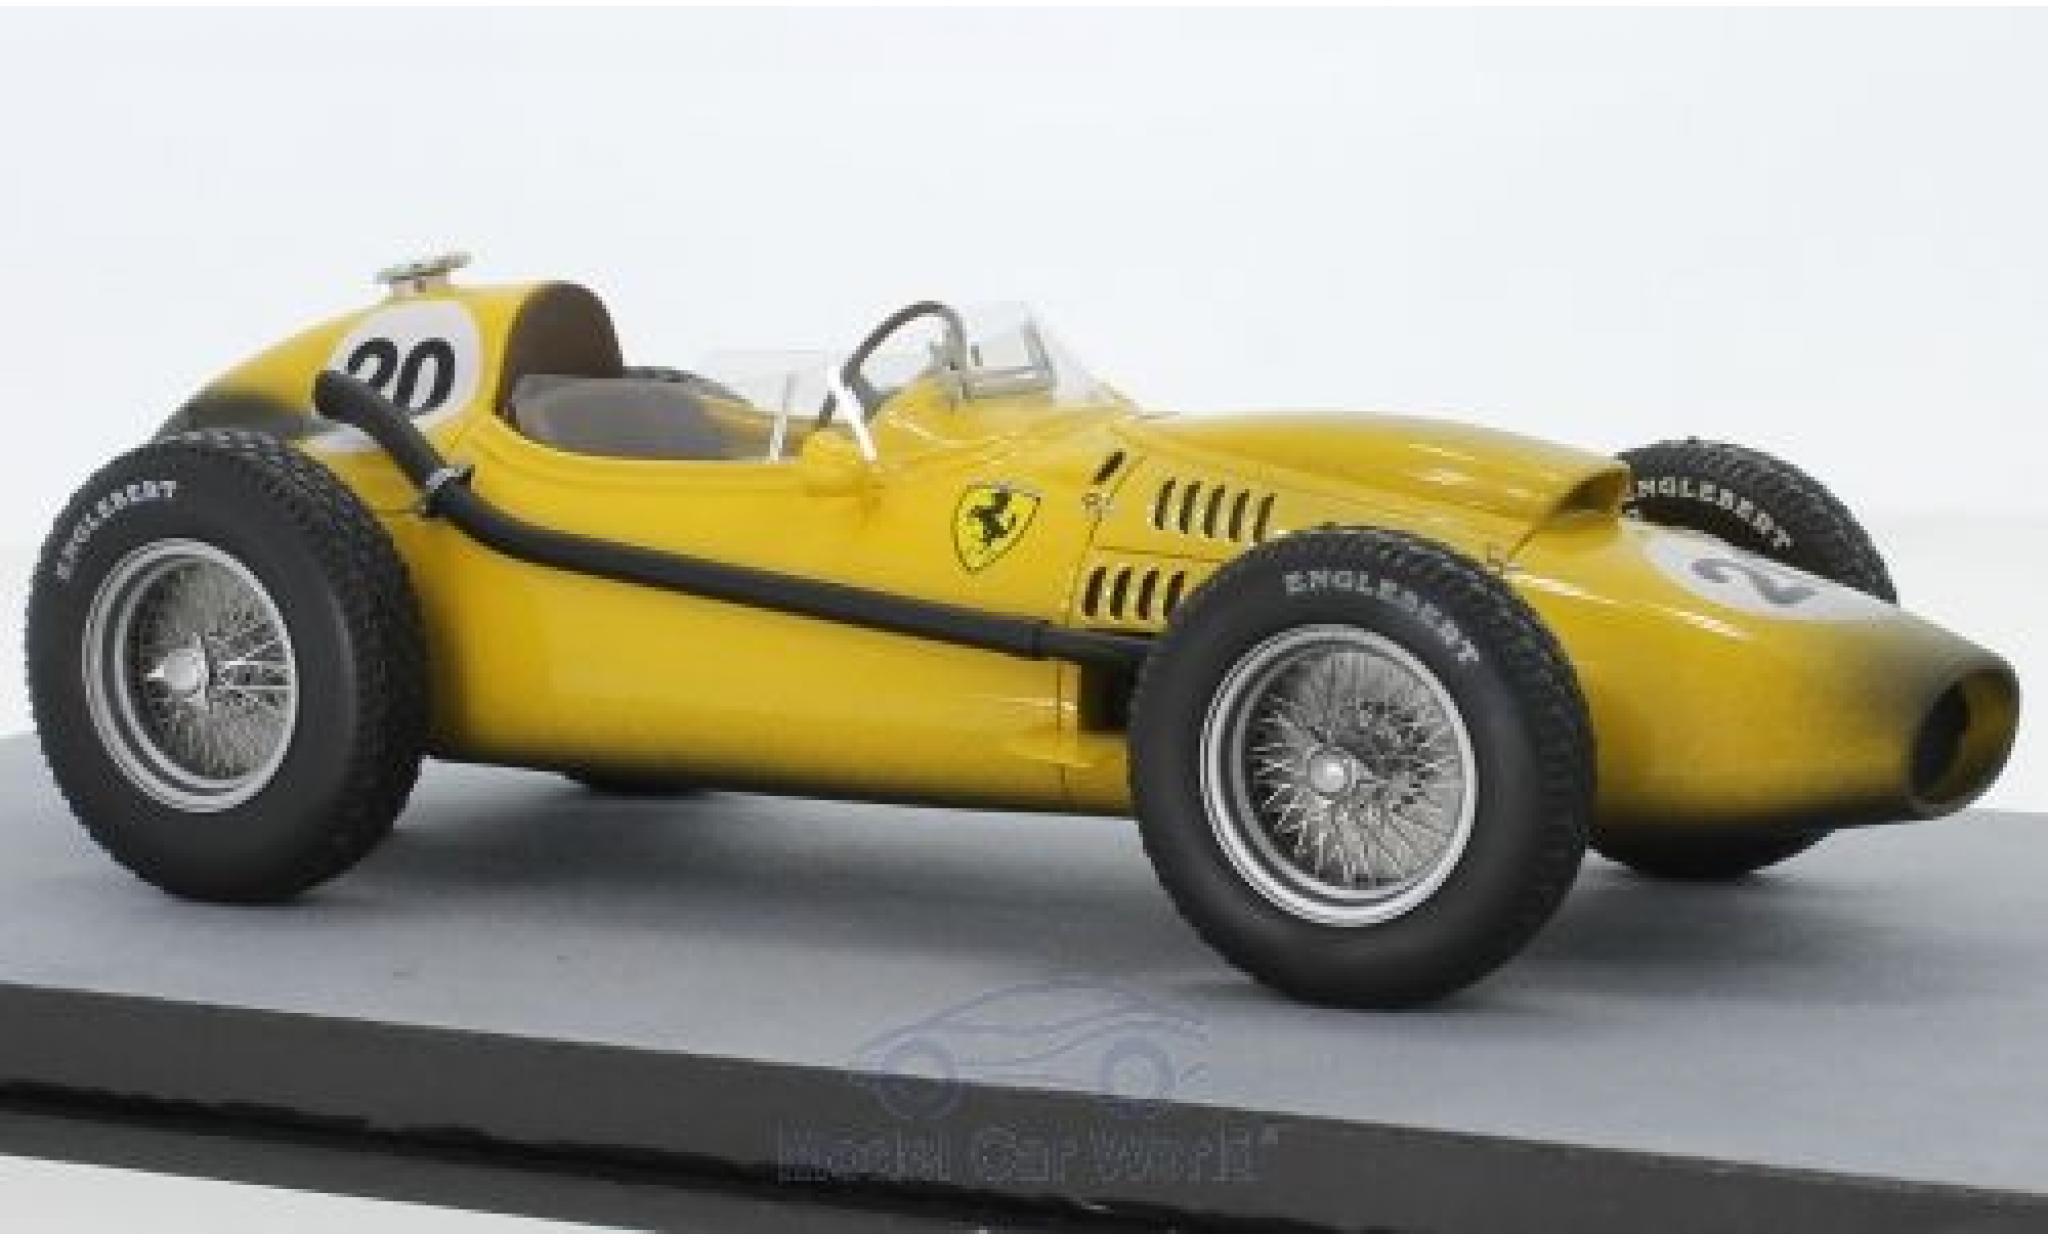 Ferrari Dino 1/18 Tecnomodel 246 F1 No.20 Ecurie Francorchamps Formel 1 GP Belgien 1958 Final Race Version O.Gendebien